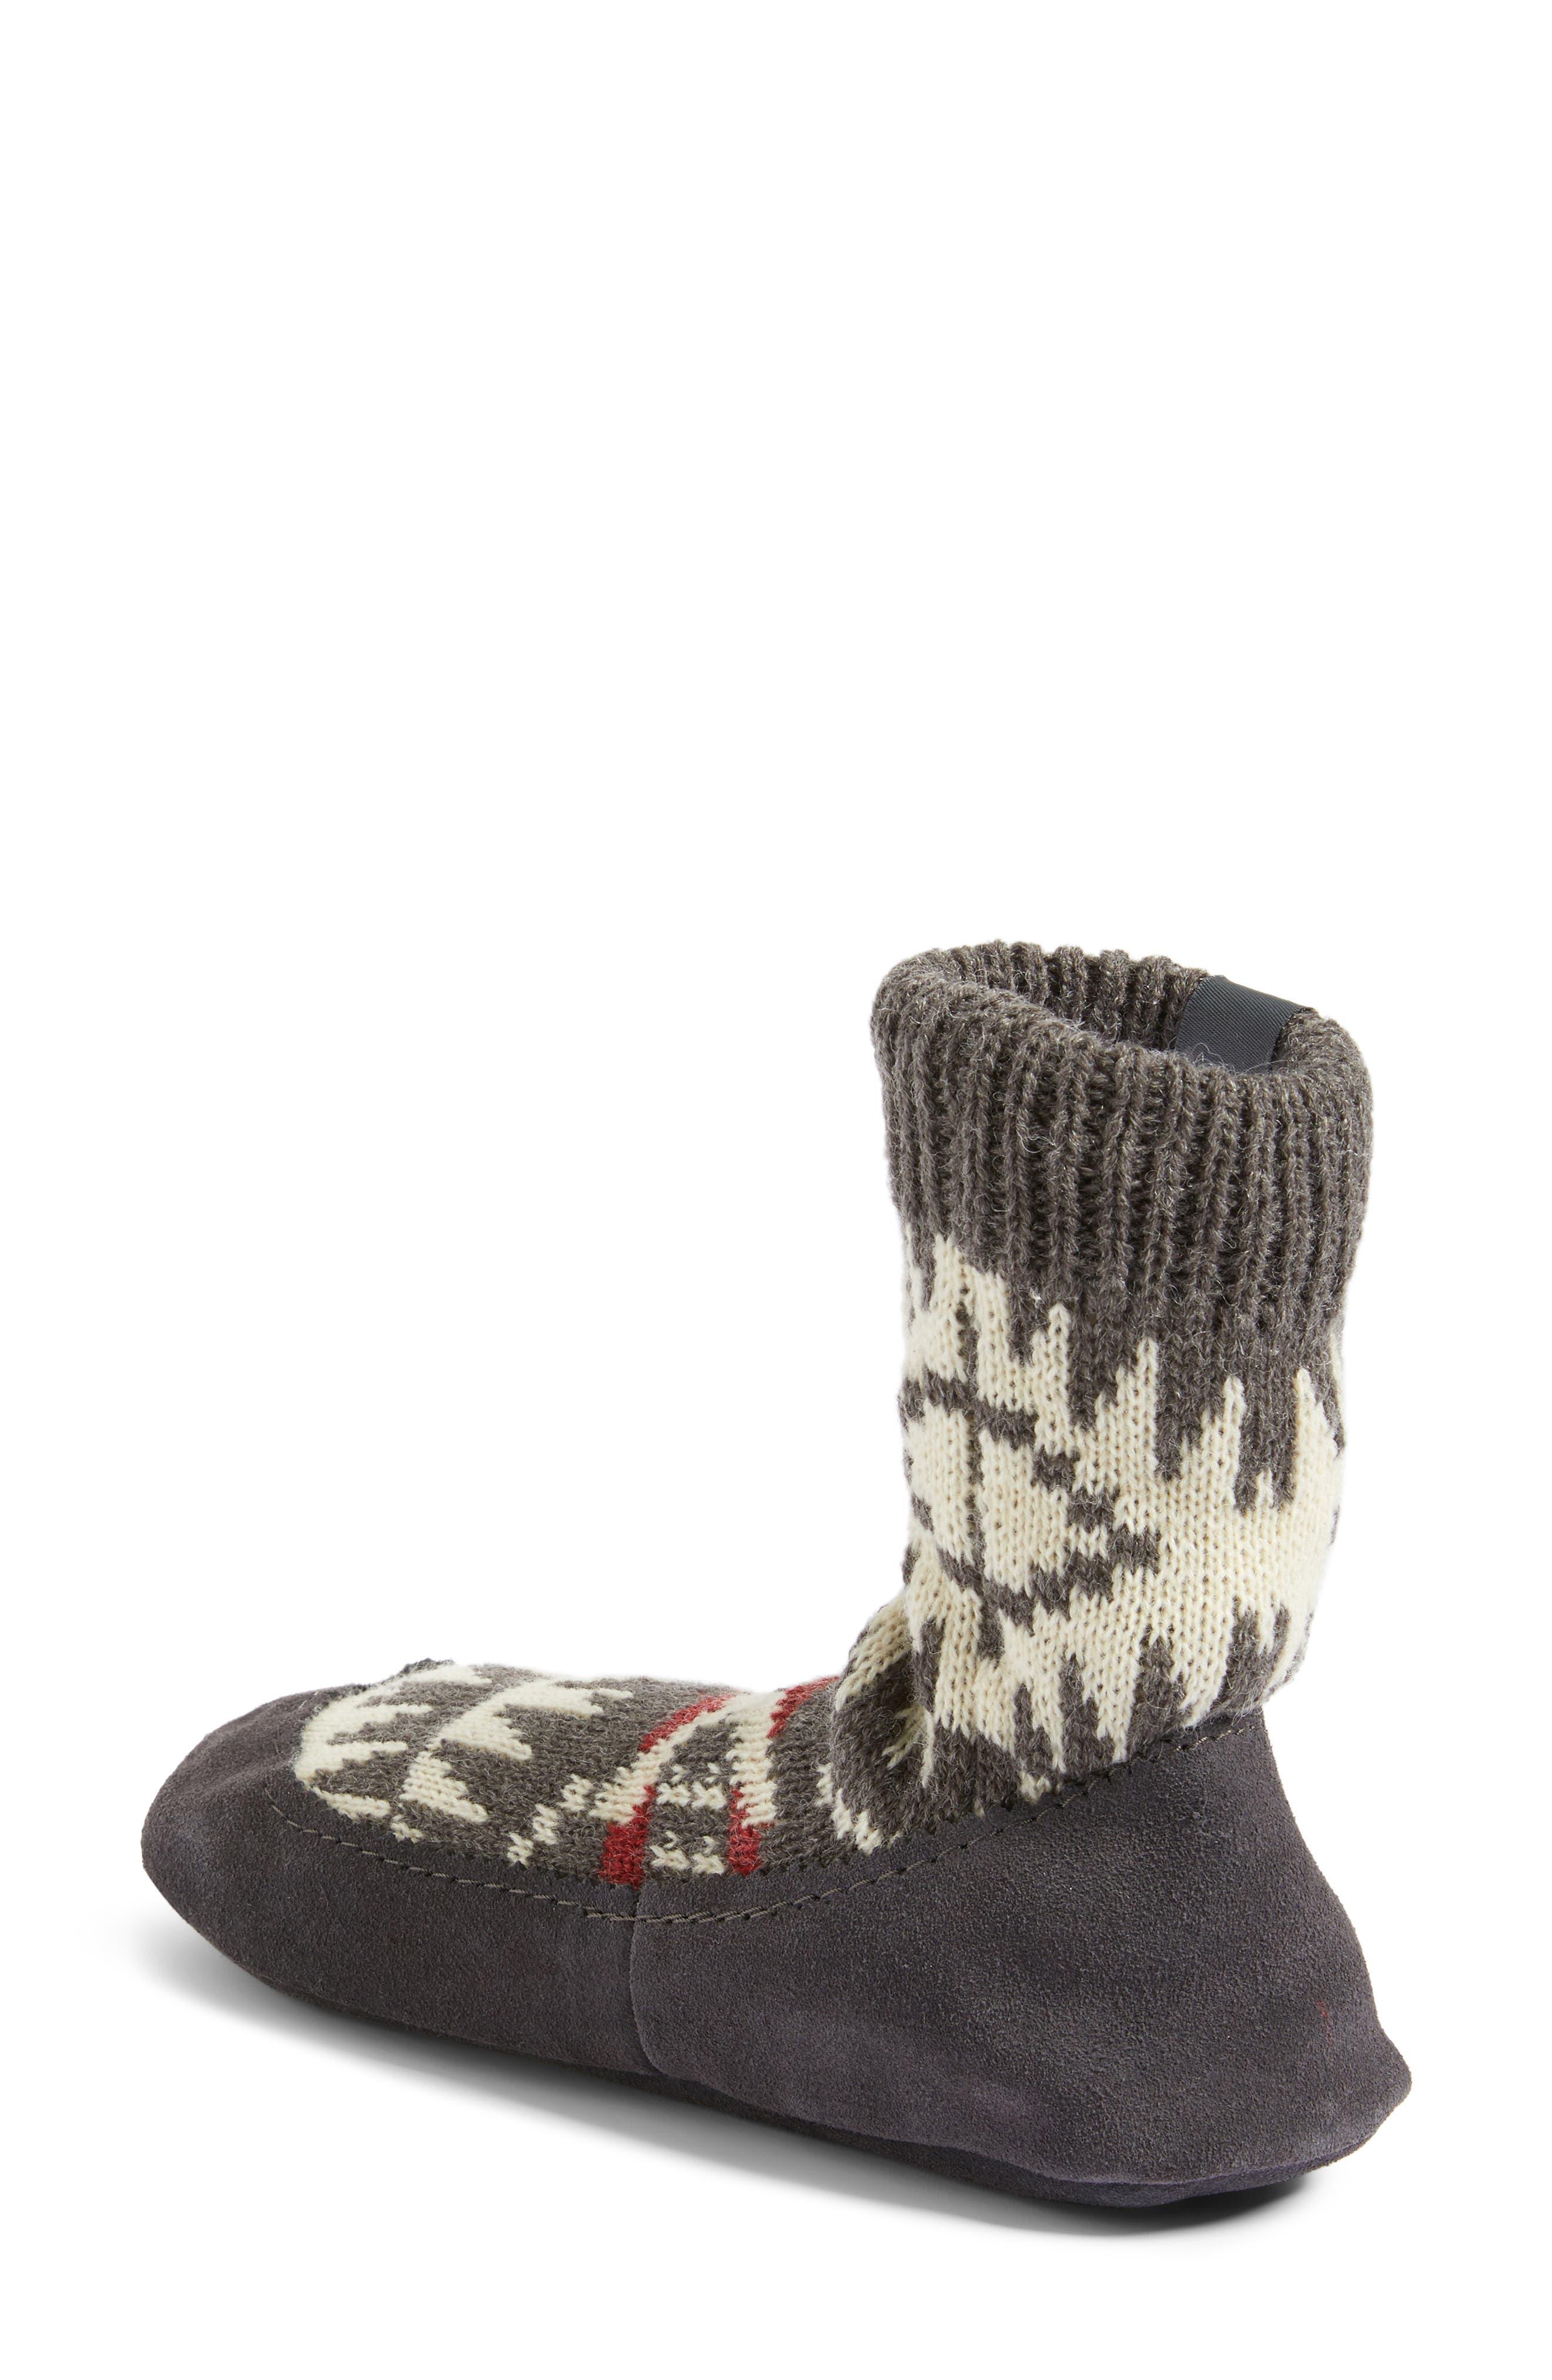 Alternate Image 2  - Pendleton Spider Rock Homestead Slipper Socks